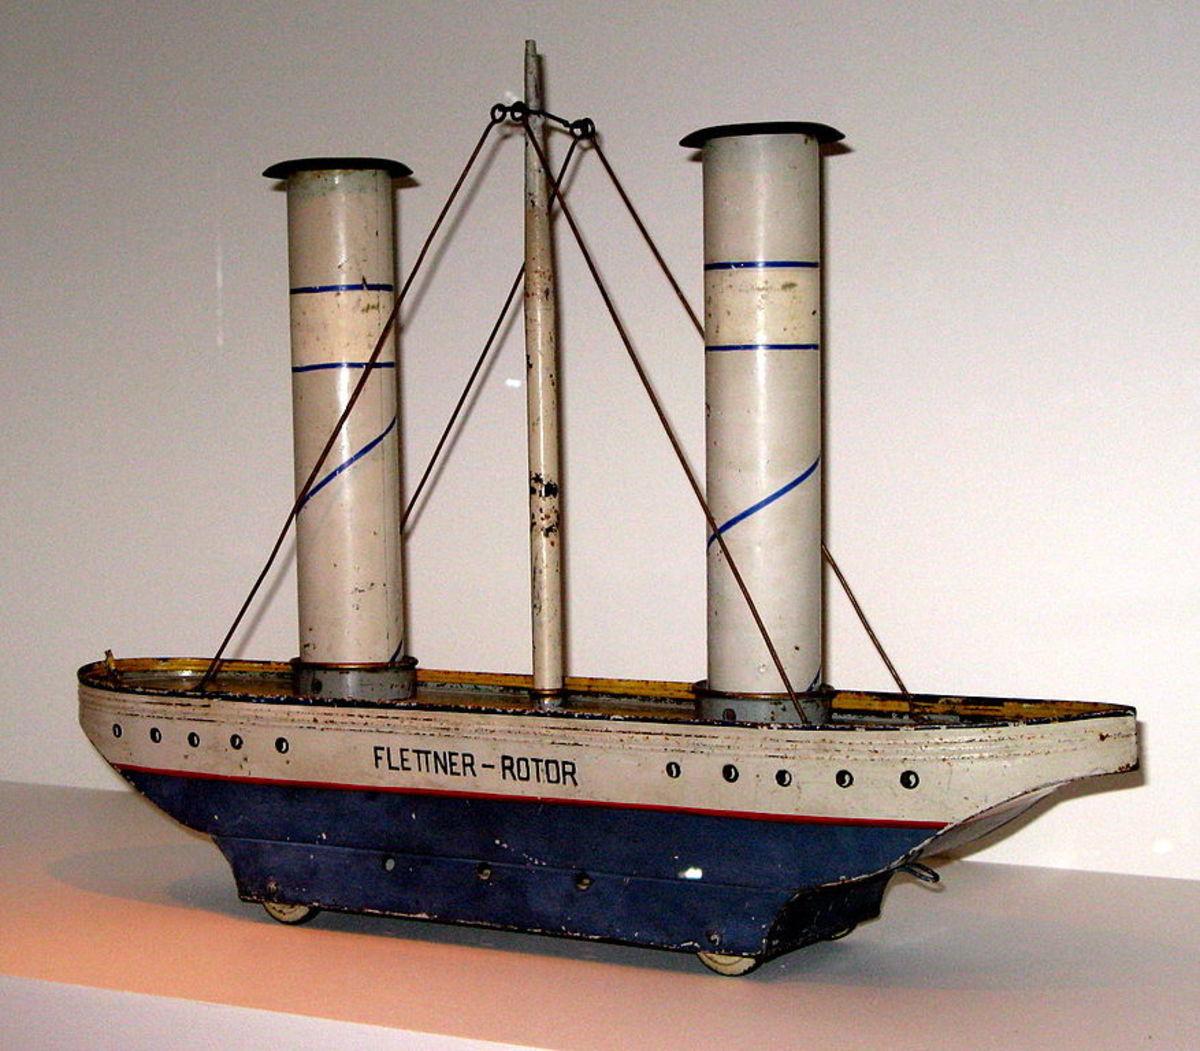 Flettner rotor toy ship